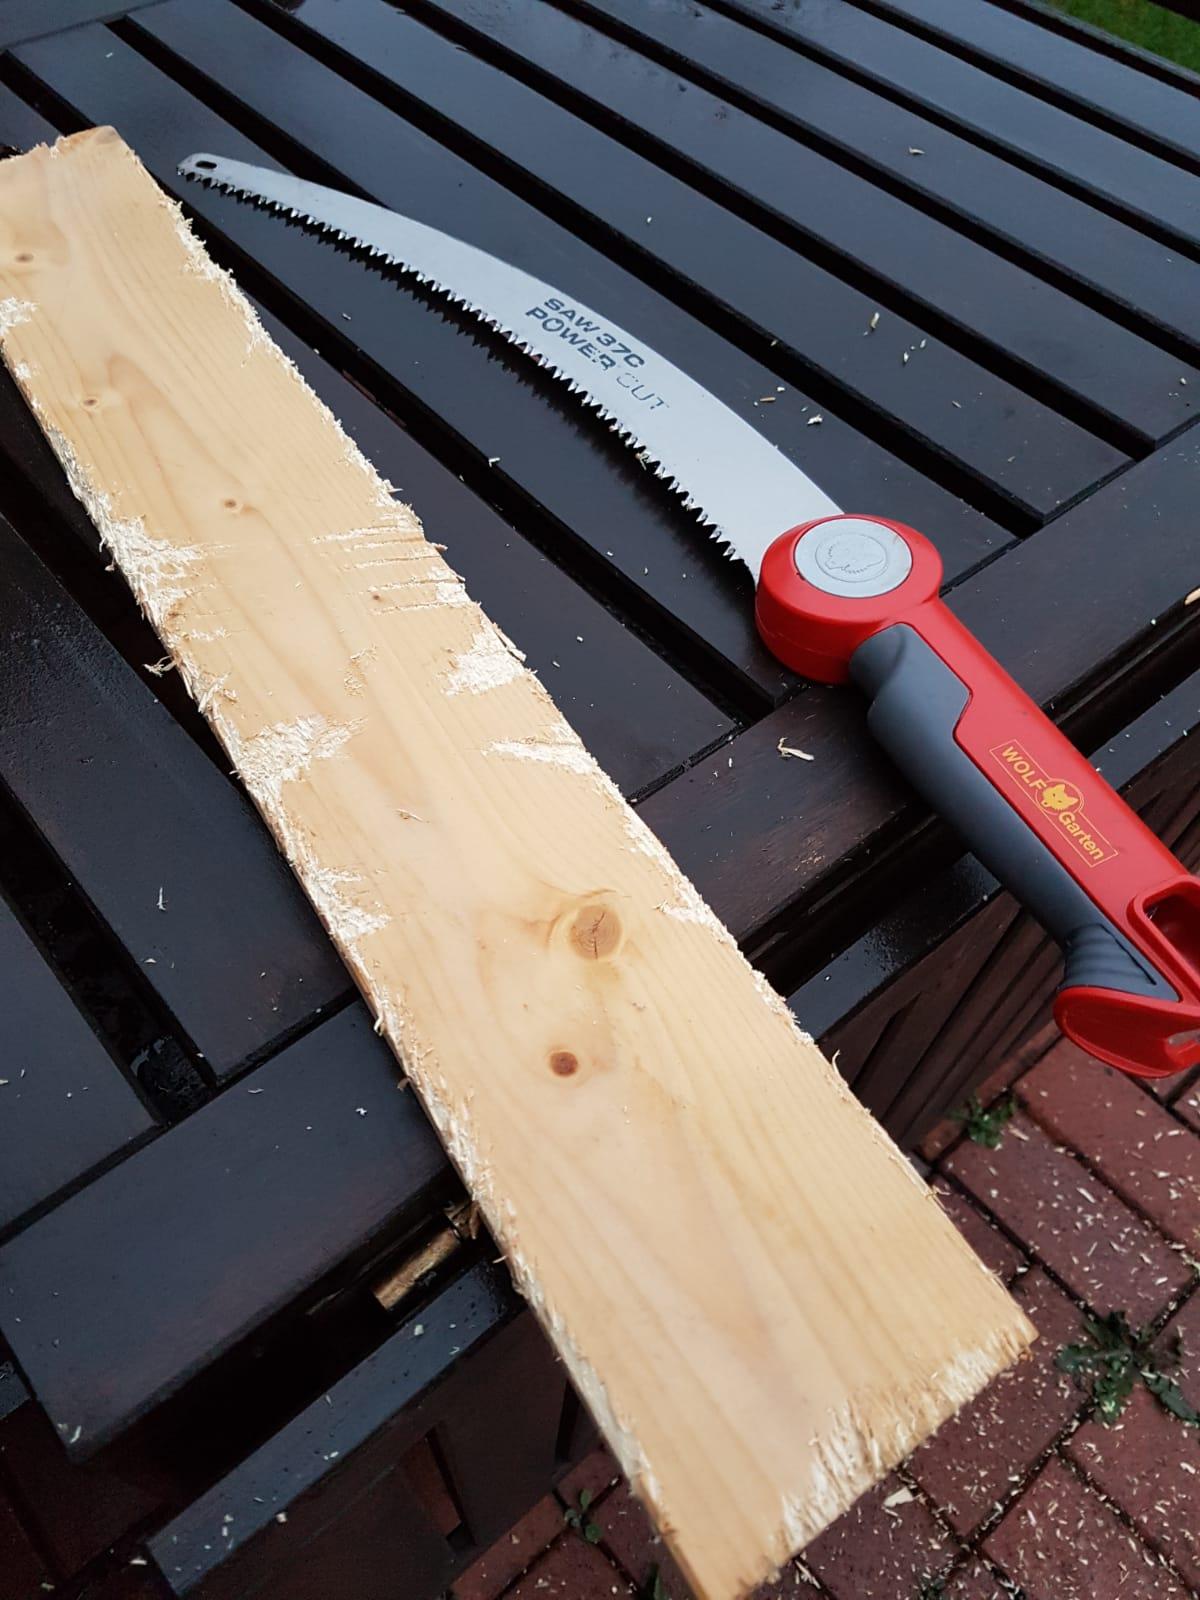 Holzbearbeitung mit einer Säge.